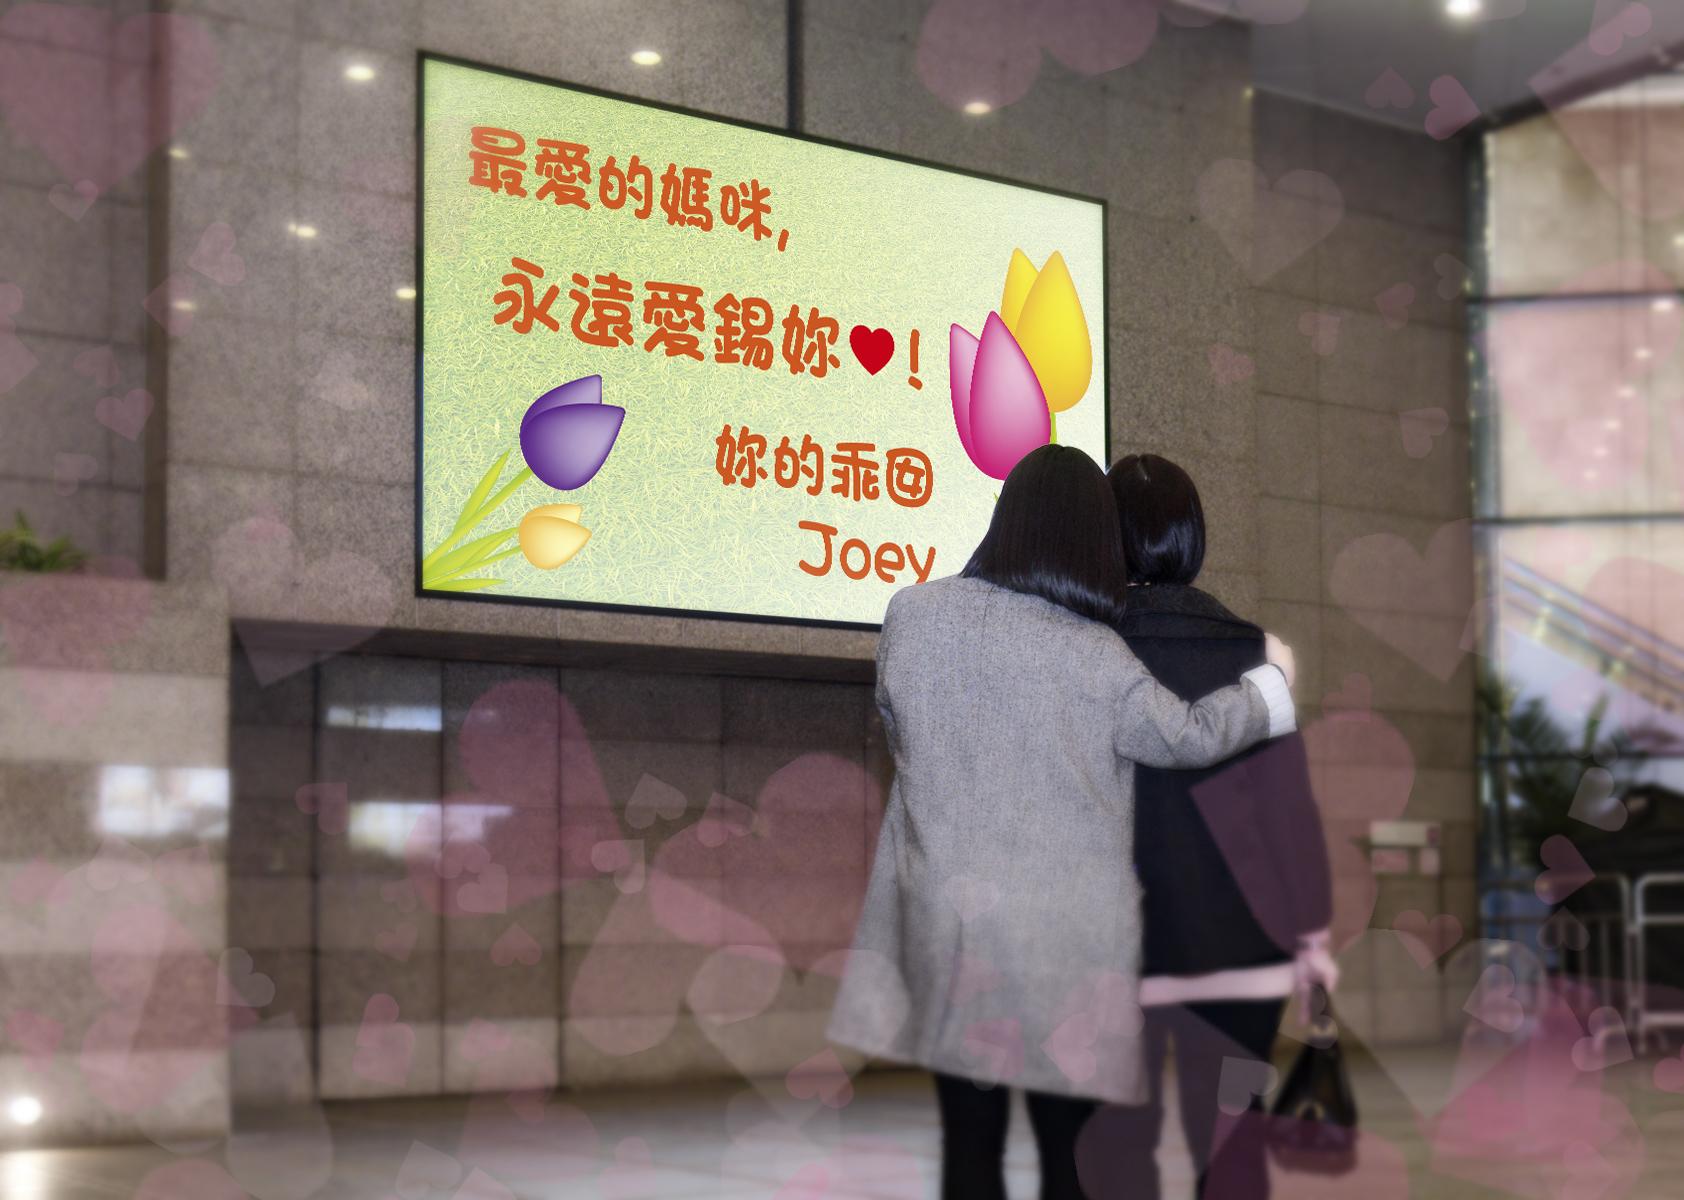 會展中心的LED廣告屏幕向媽媽獻上深情致謝